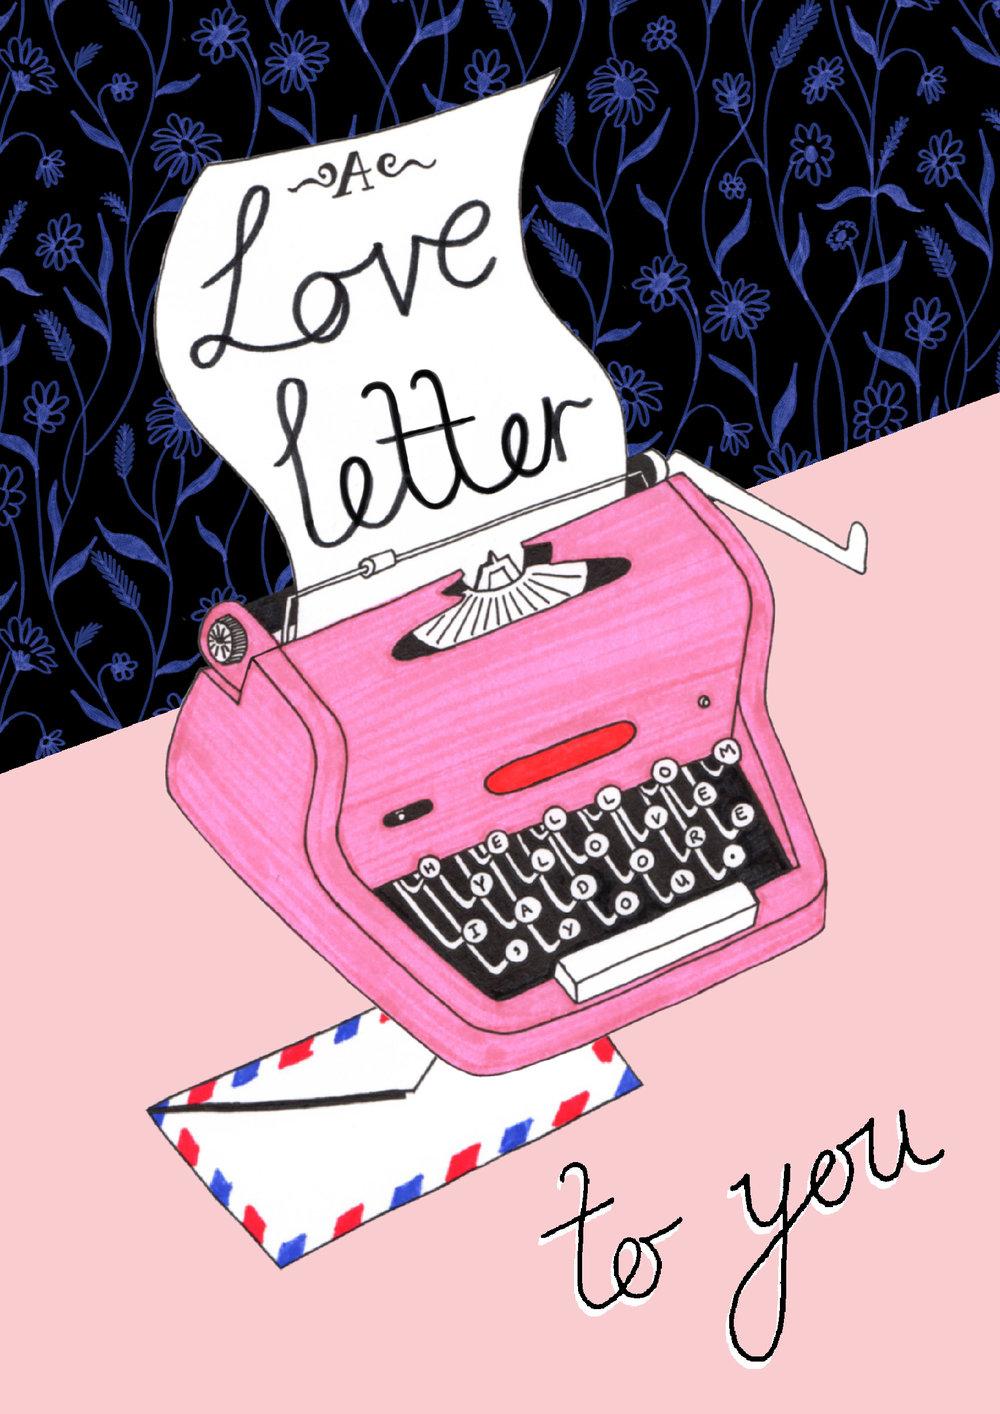 LoveLetter.jpg